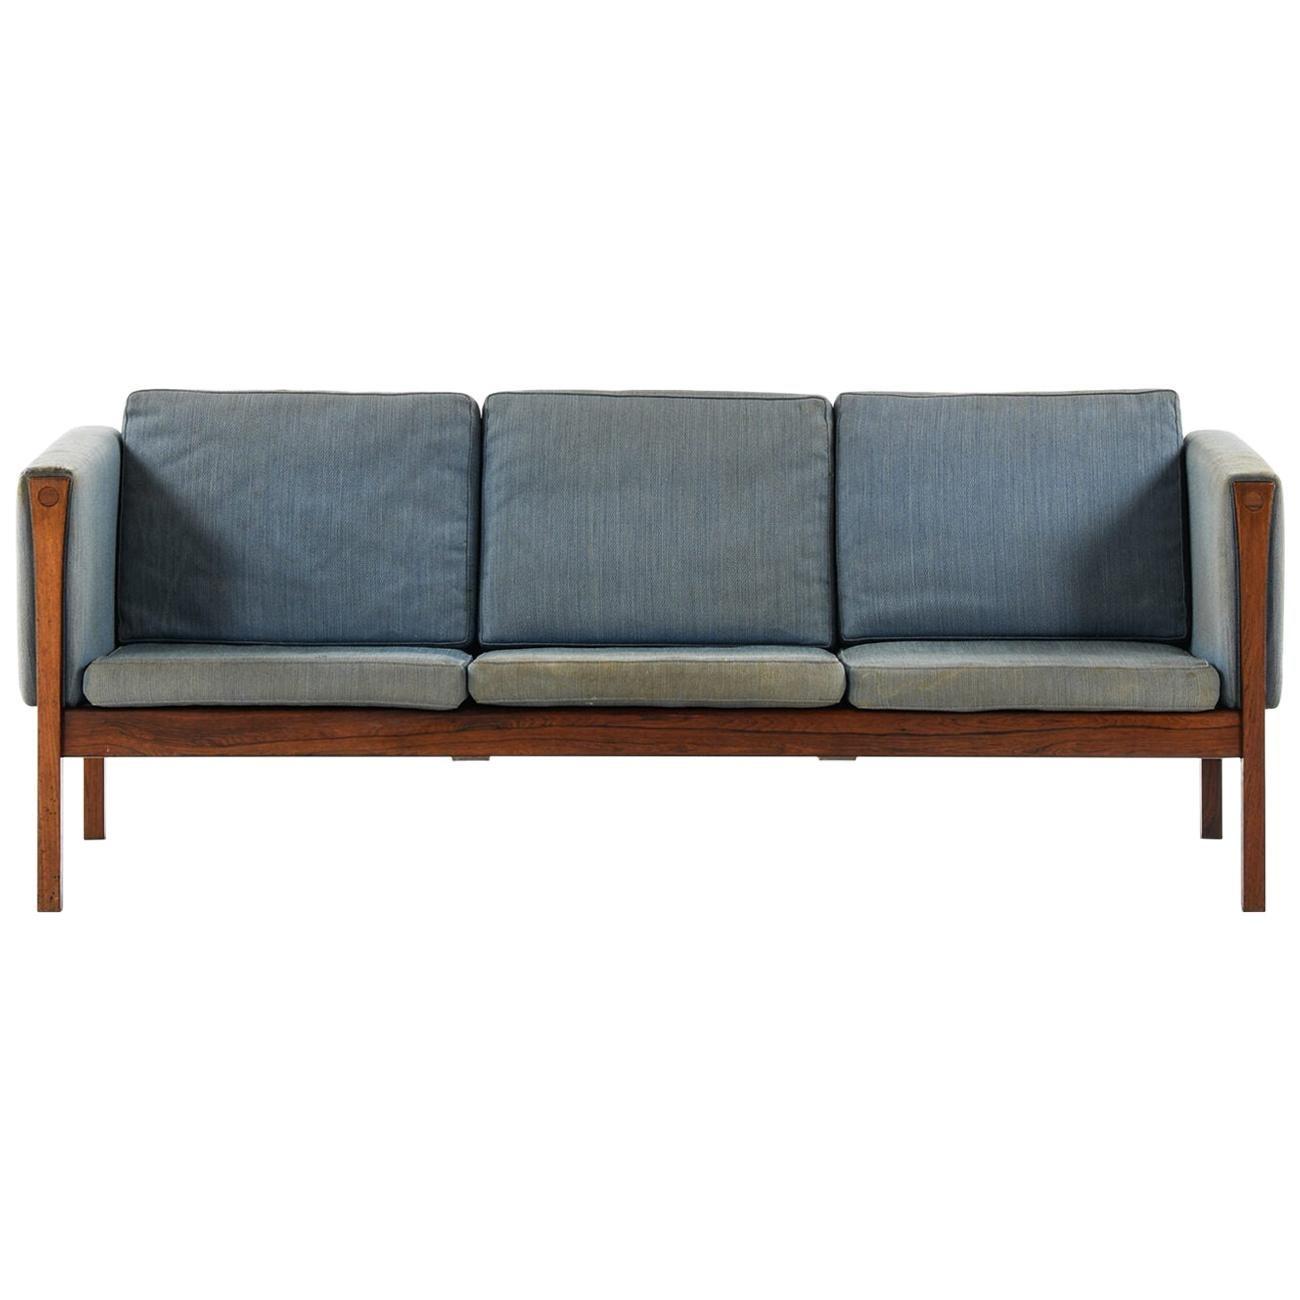 Hans Wegner Sofa Model CH163 Produced by Carl Hansen & Son in Denmark